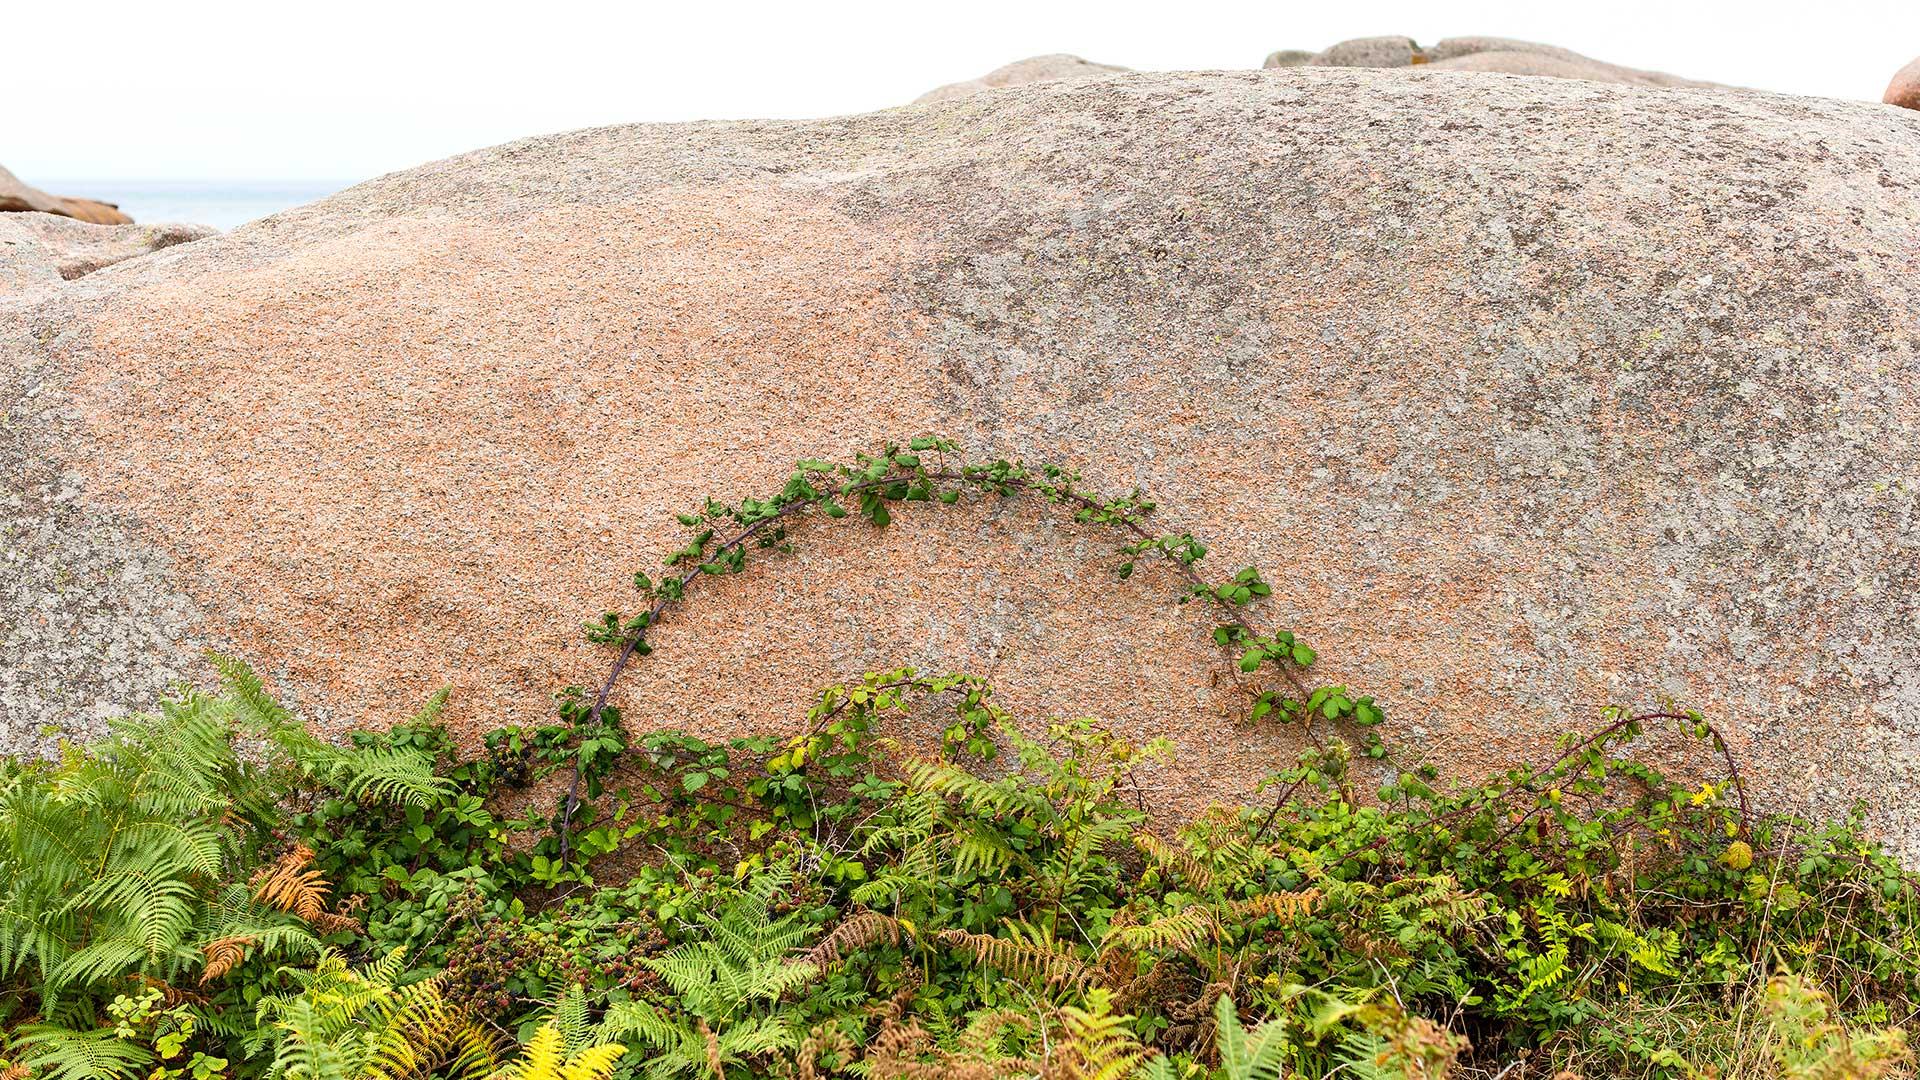 Landschaftsfotografie: Côte de Granit Rose – Grüner Bogen auf Rosa | Foto: Dieter Eikenberg, imprints